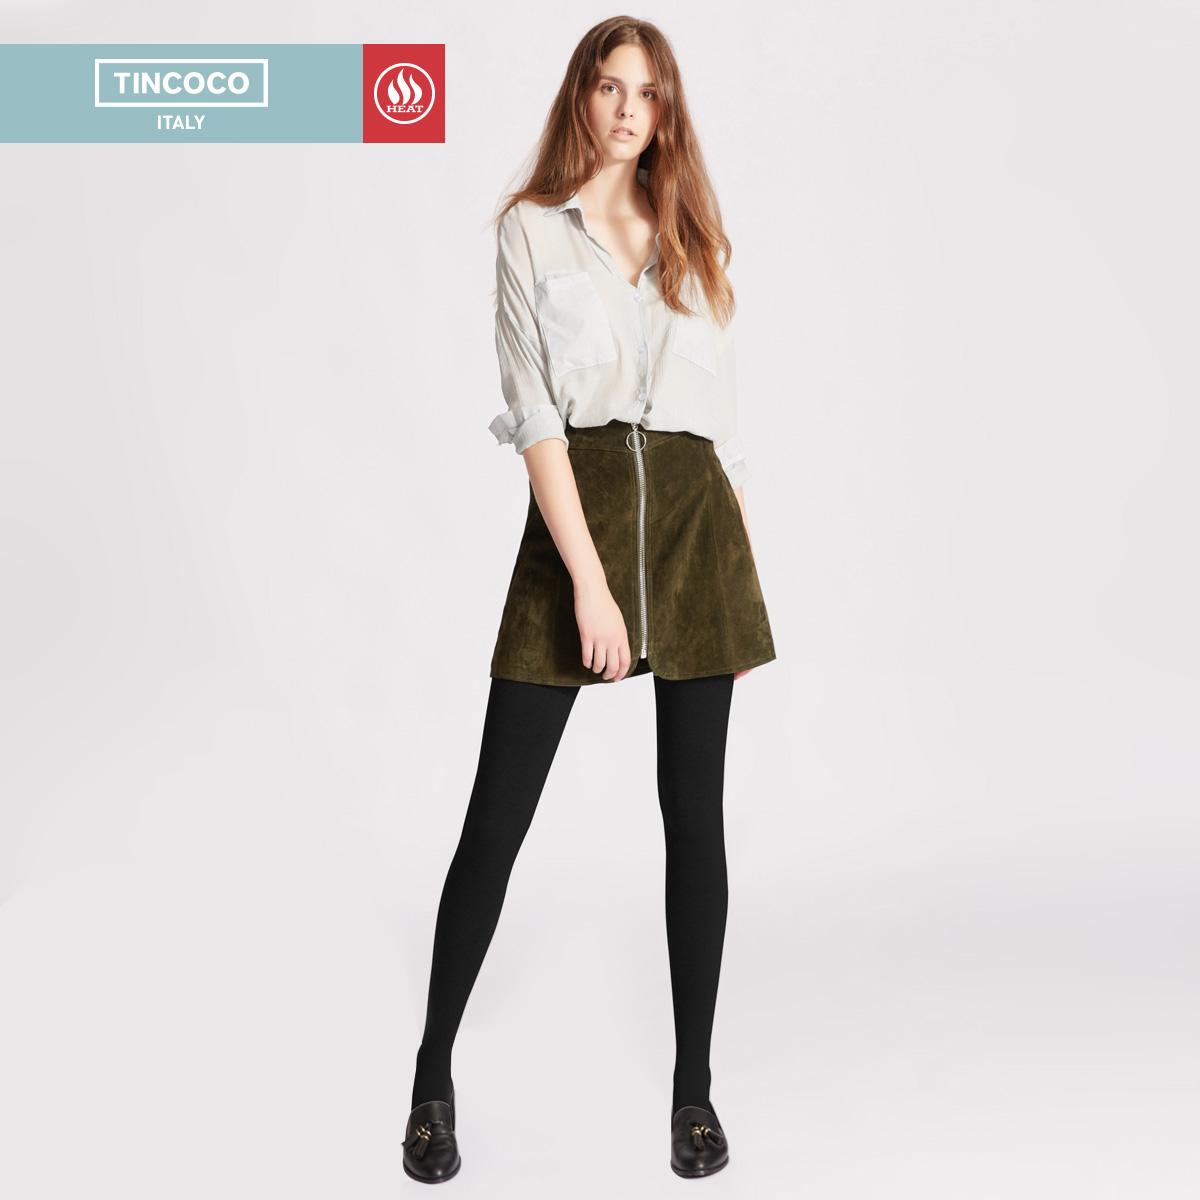 正品[踩脚丝裤]超薄无内丝裤的诱惑评测 美女穿